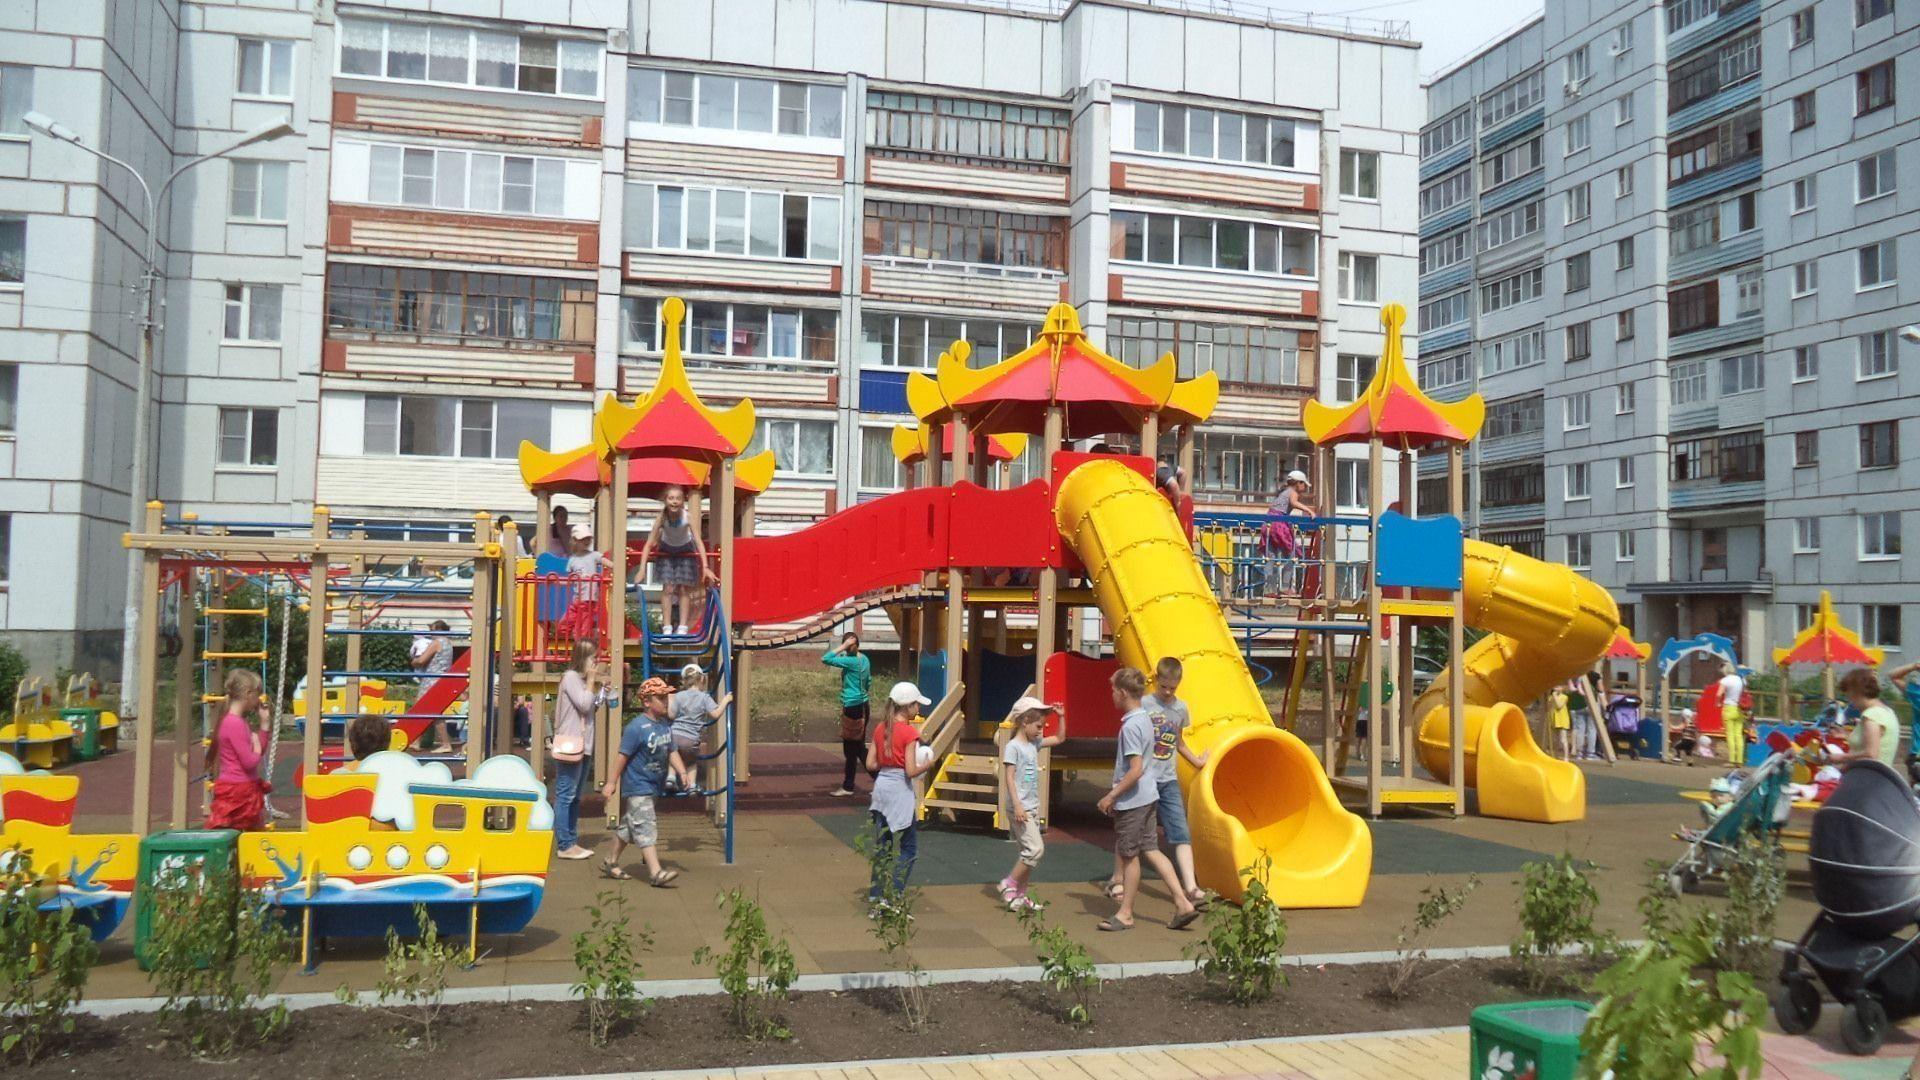 Самые лучшие детские площадки Санкт-Петербурга в 2020 году